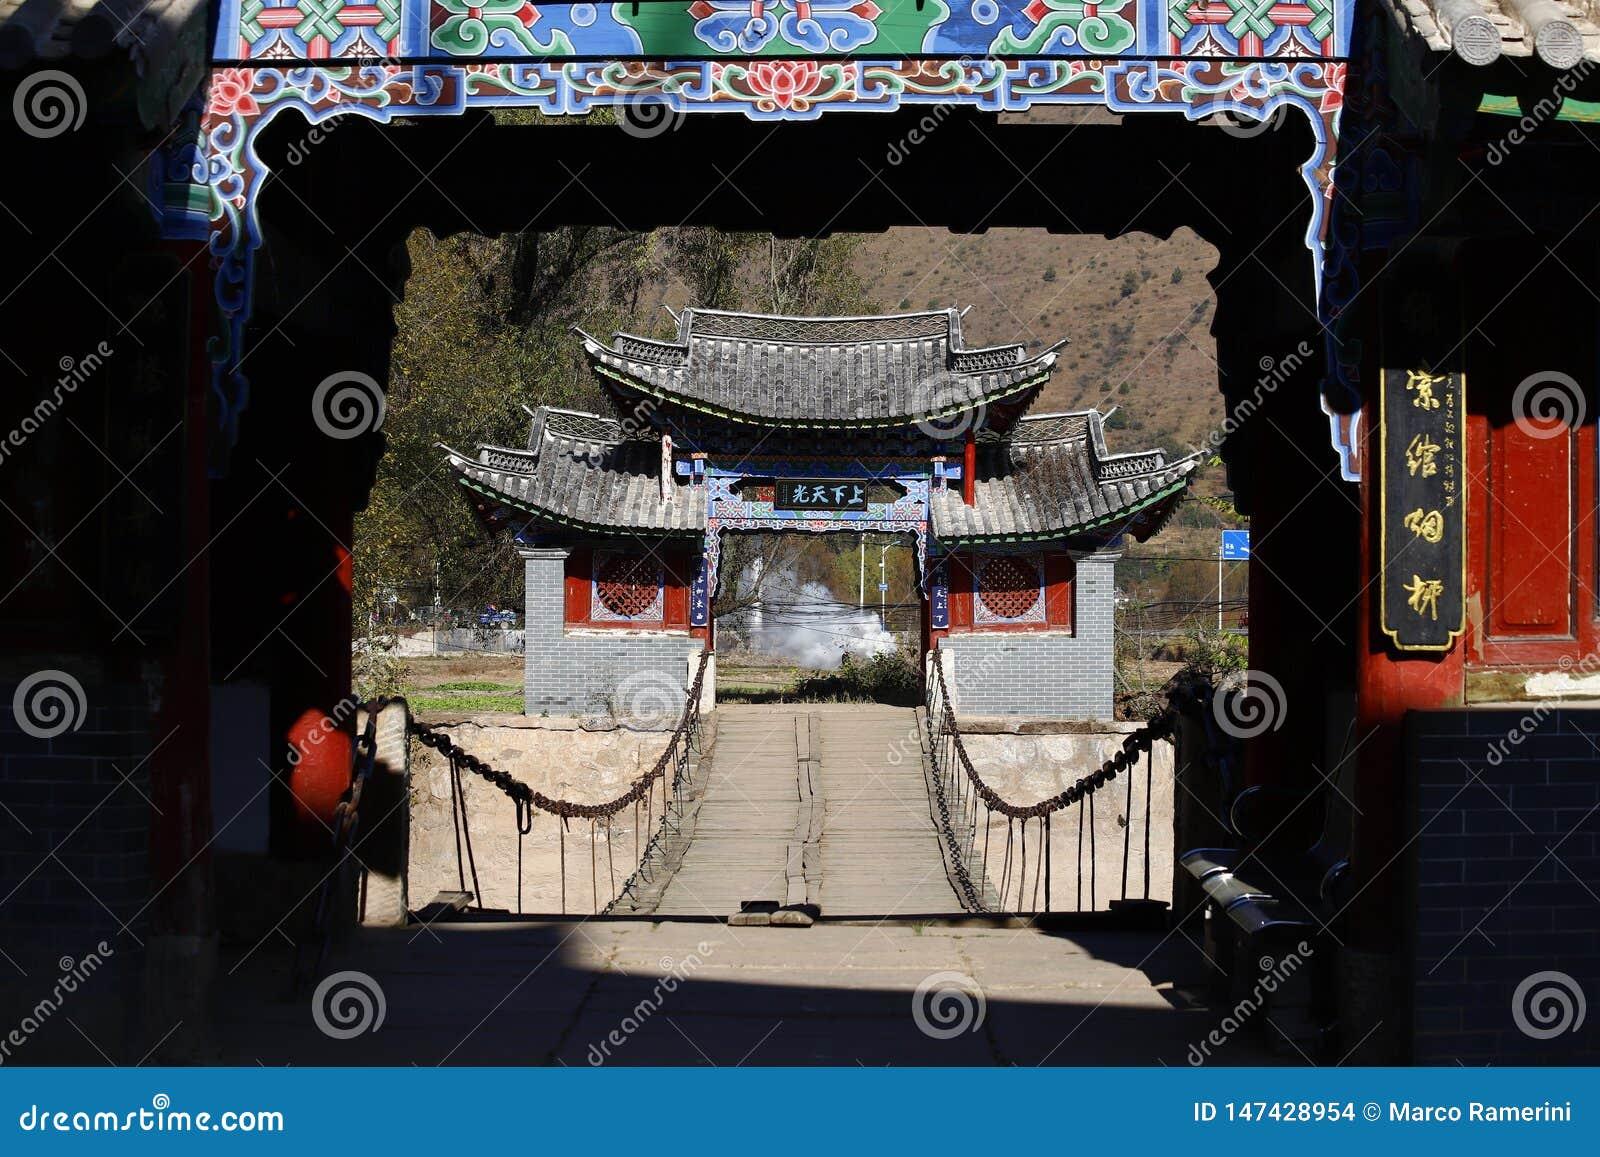 Старый деревянный висячий мост вдоль старого южного шелкового пути в деревне Shigu в провинции Юньнань, Китая